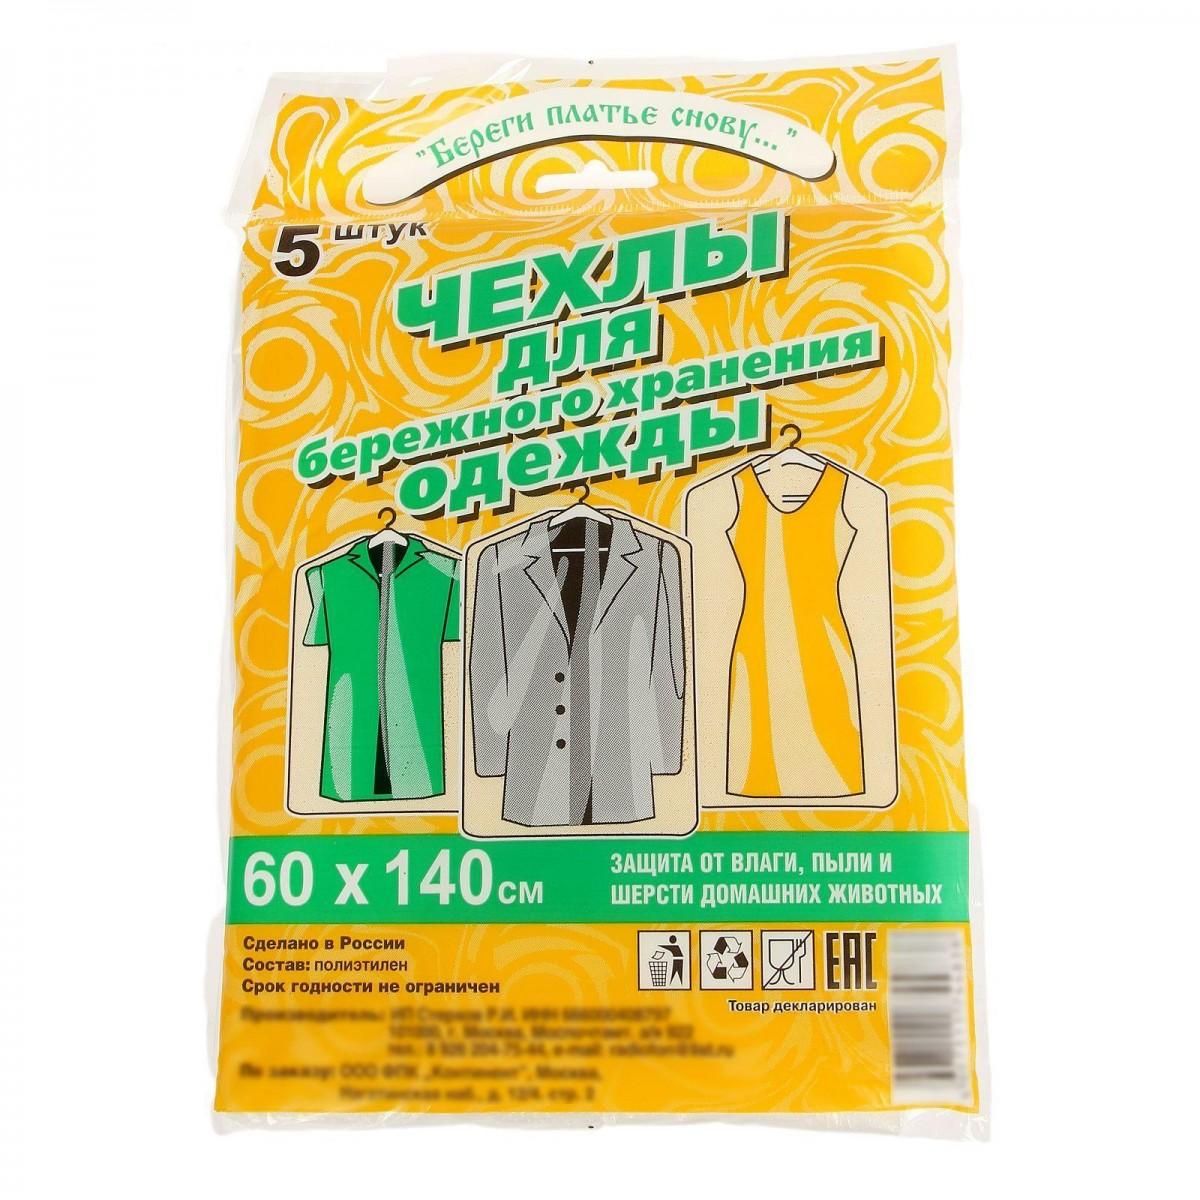 Купить набор чехлов для хранения одежды 5 шт прозрачный 140 х 60 см